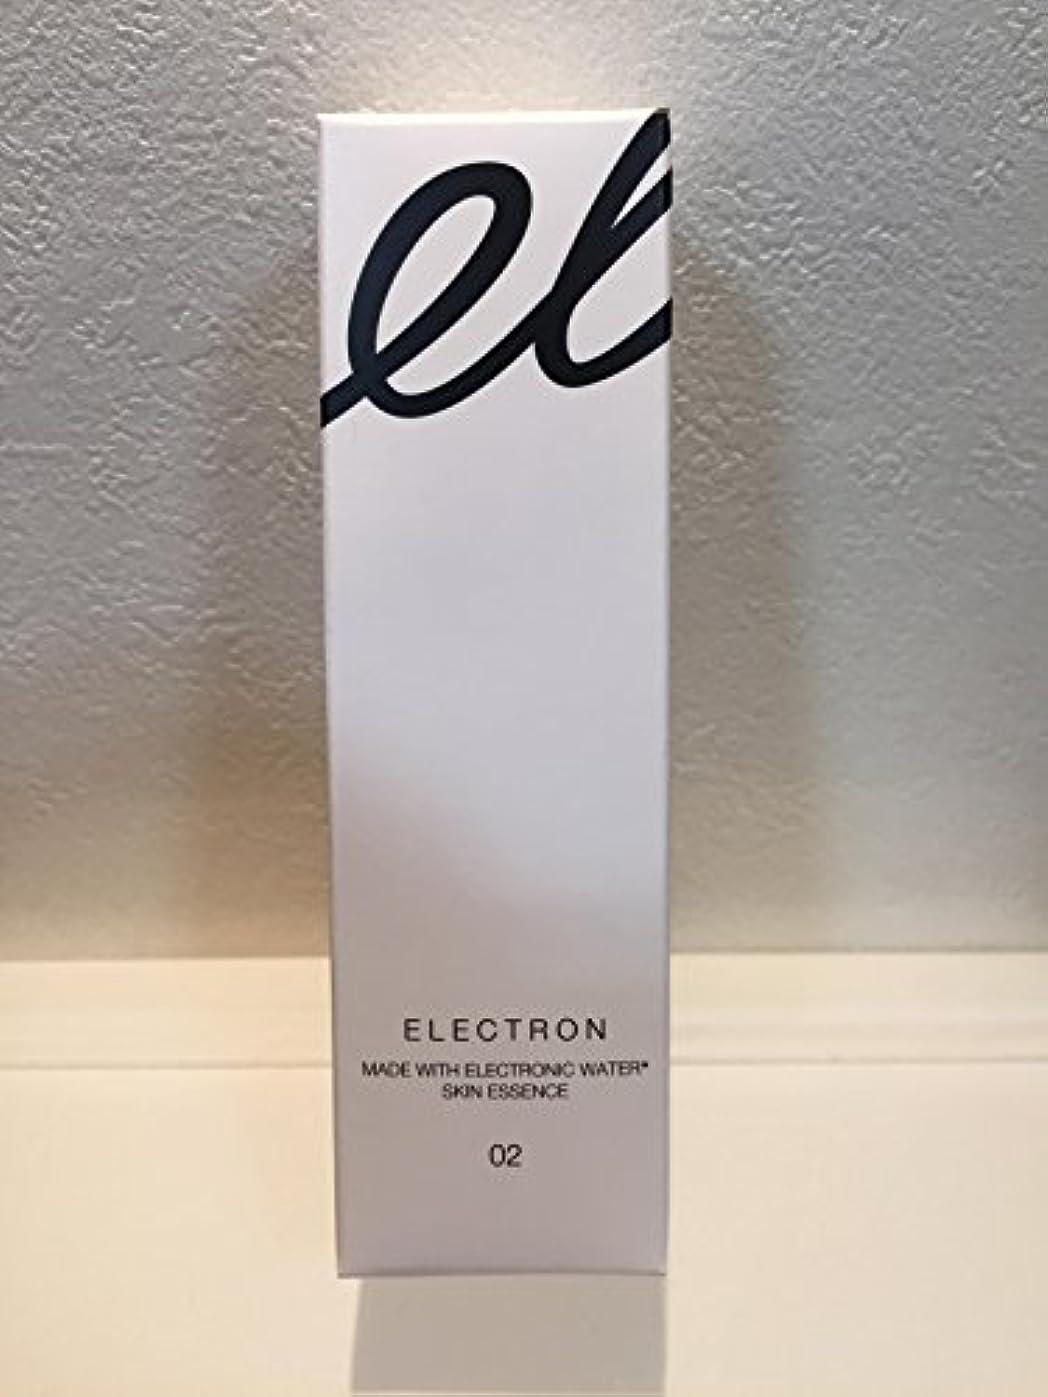 避難する野望結果エレクトロン エレクトロン スキンエッセンスR(美容液)《30ml》